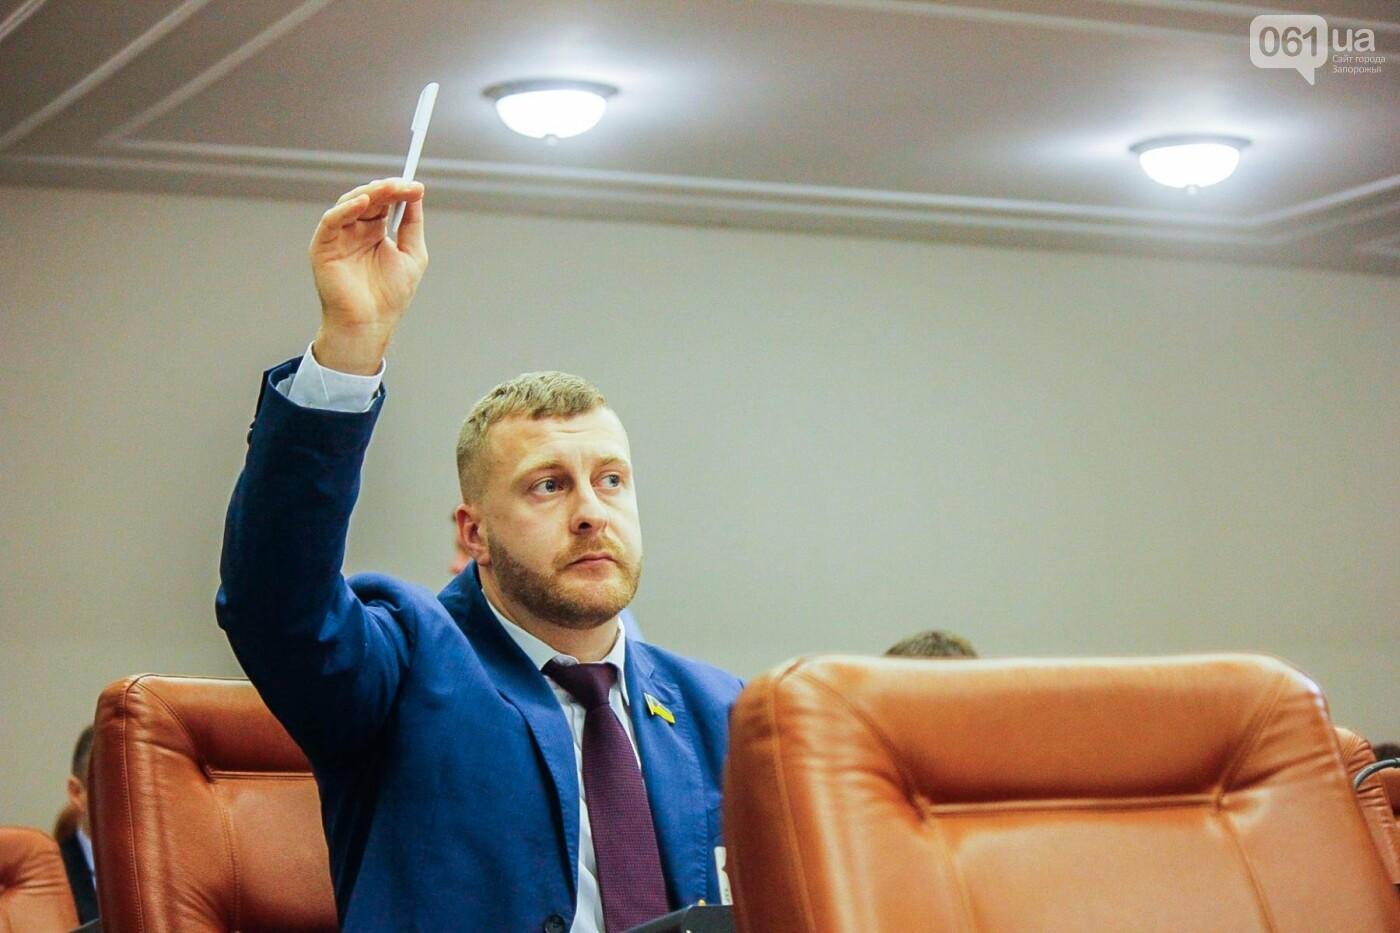 Сессия запорожского горсовета в лицах, - ФОТОРЕПОРТАЖ, фото-14